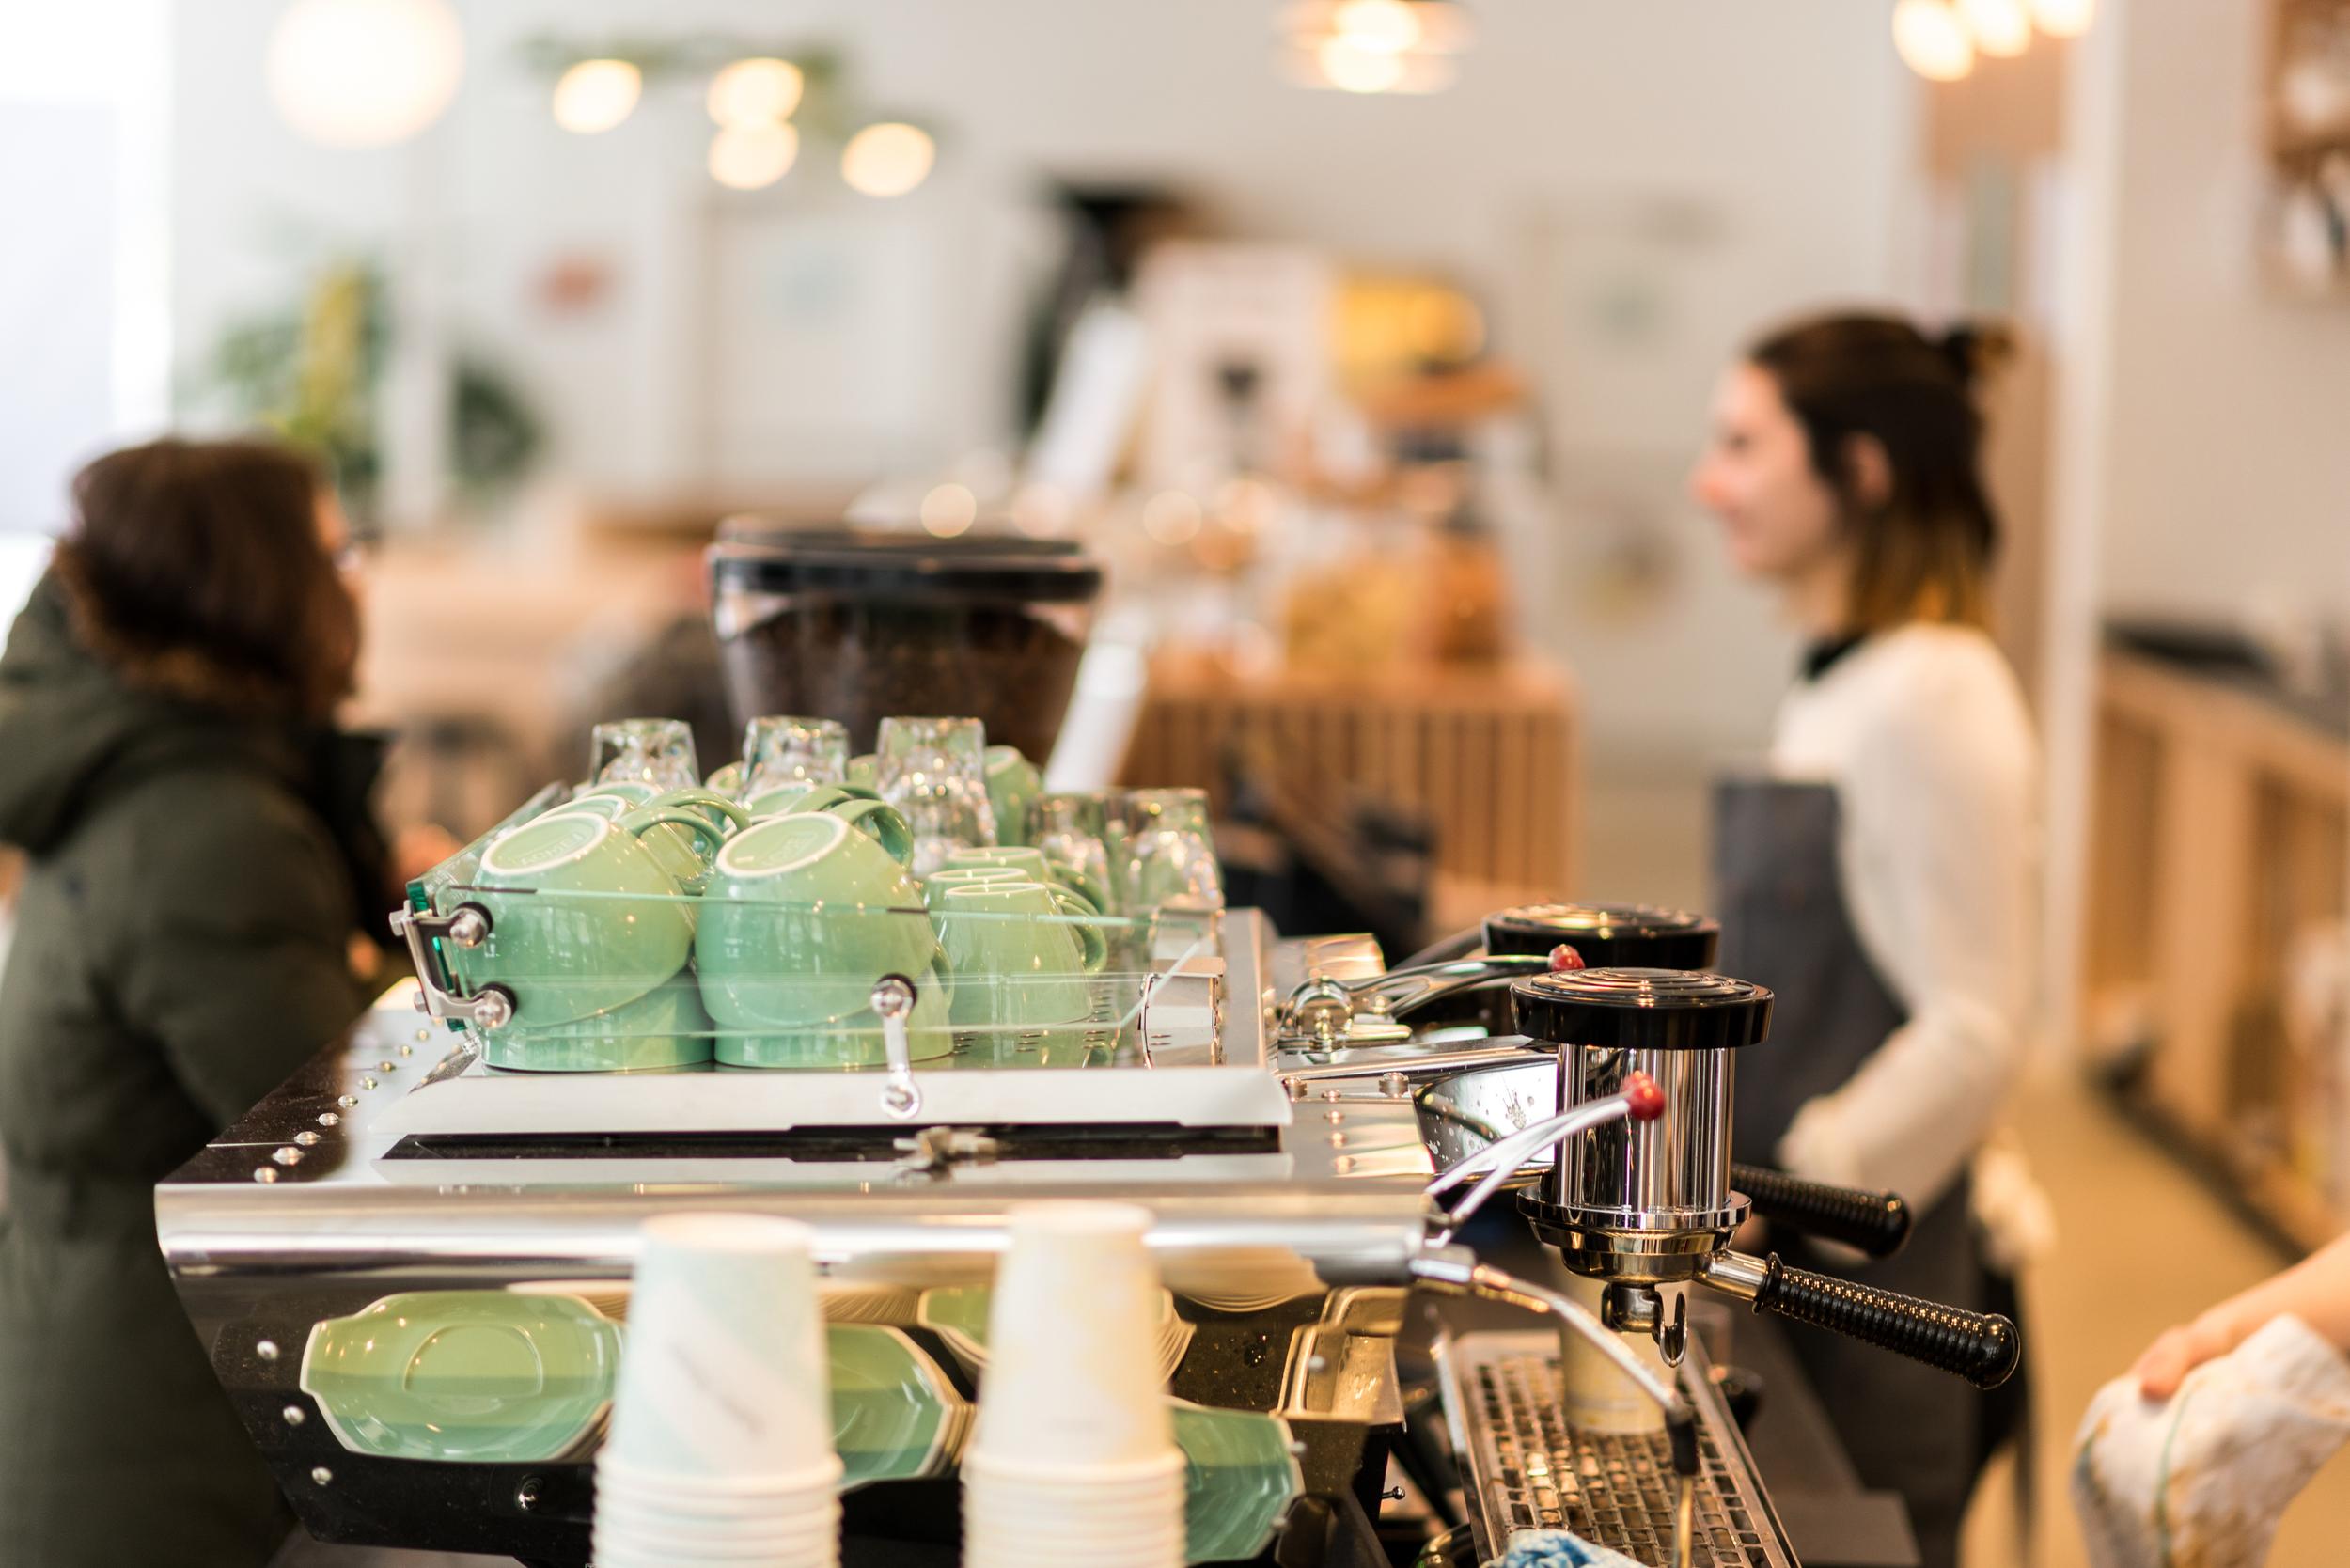 Superbes tasses et machine espresso